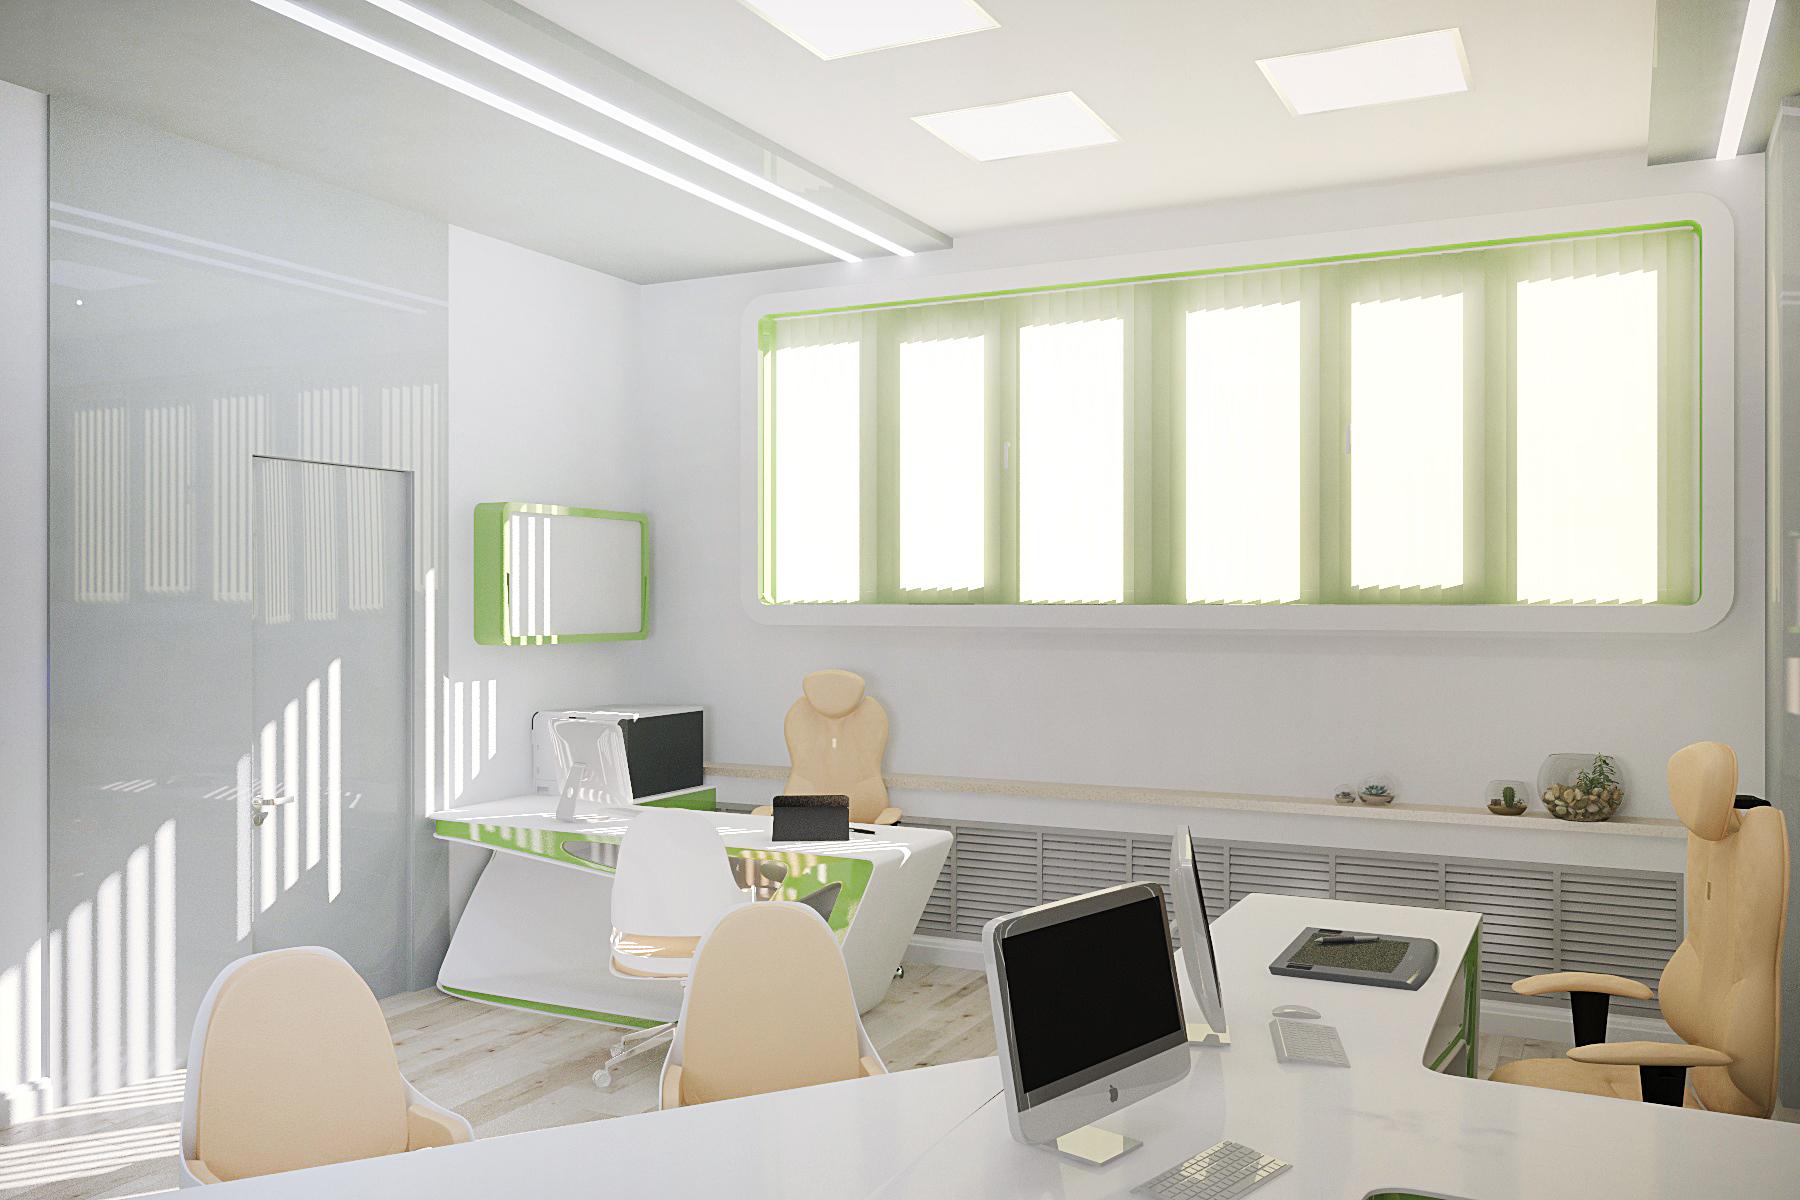 Офис в Футуристичном Стиле, дизайн интерьера, дизайн офиса под ключ, интерьер офиса